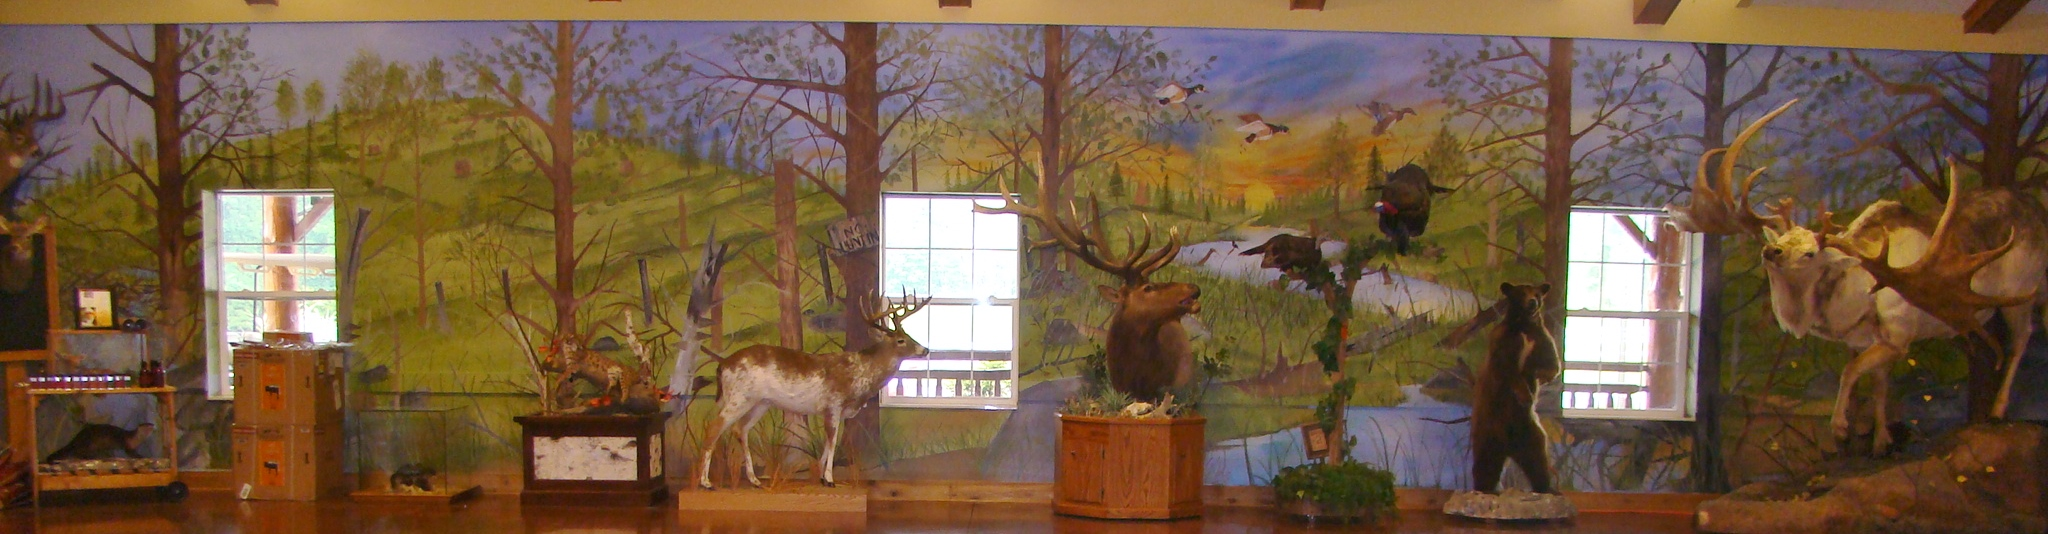 Michael Warren mural